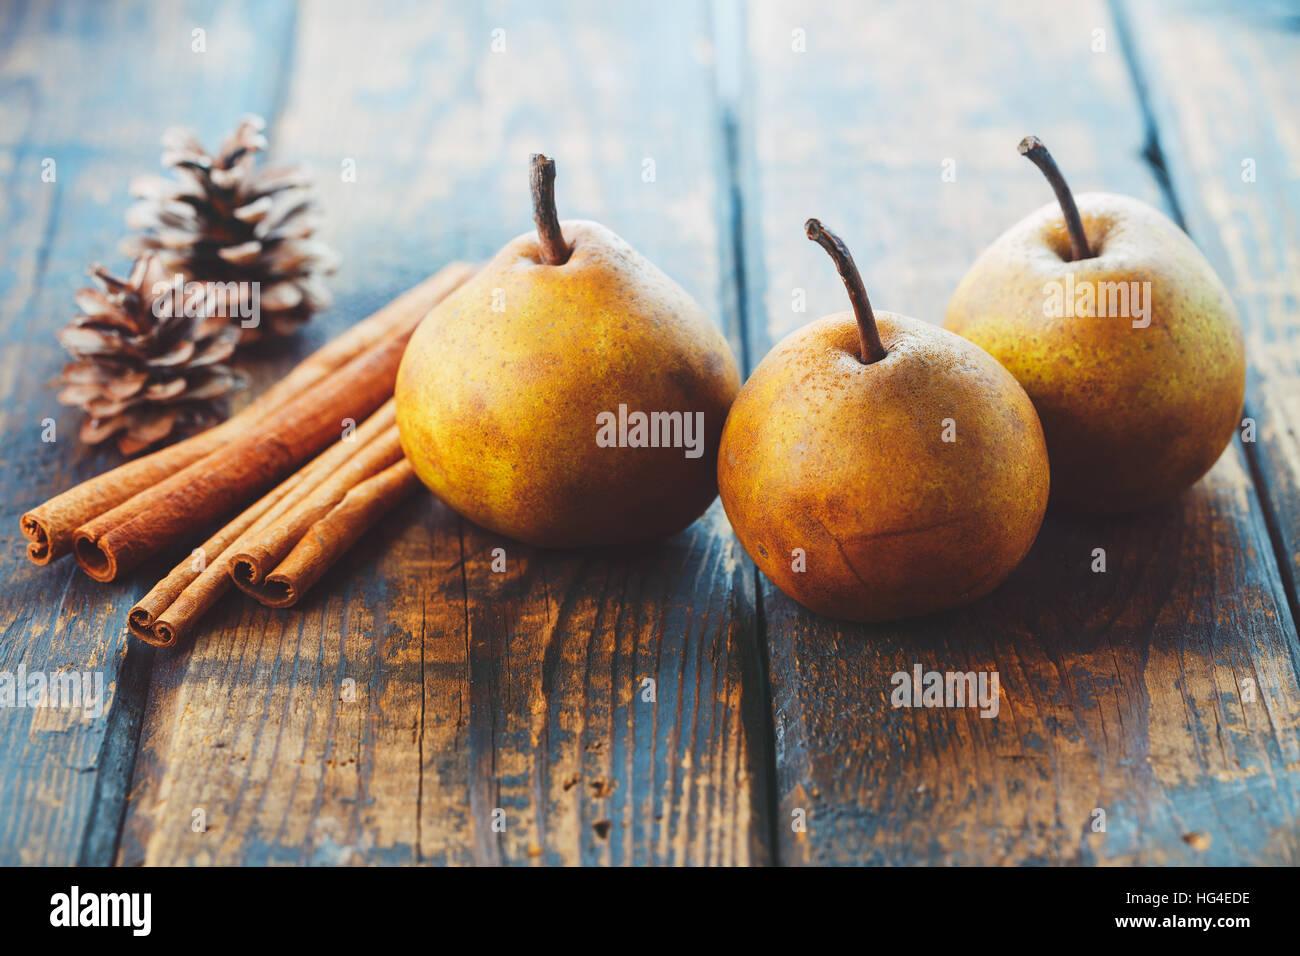 Poires biologiques avec des bâtons de cannelle sur une table en bois Photo Stock